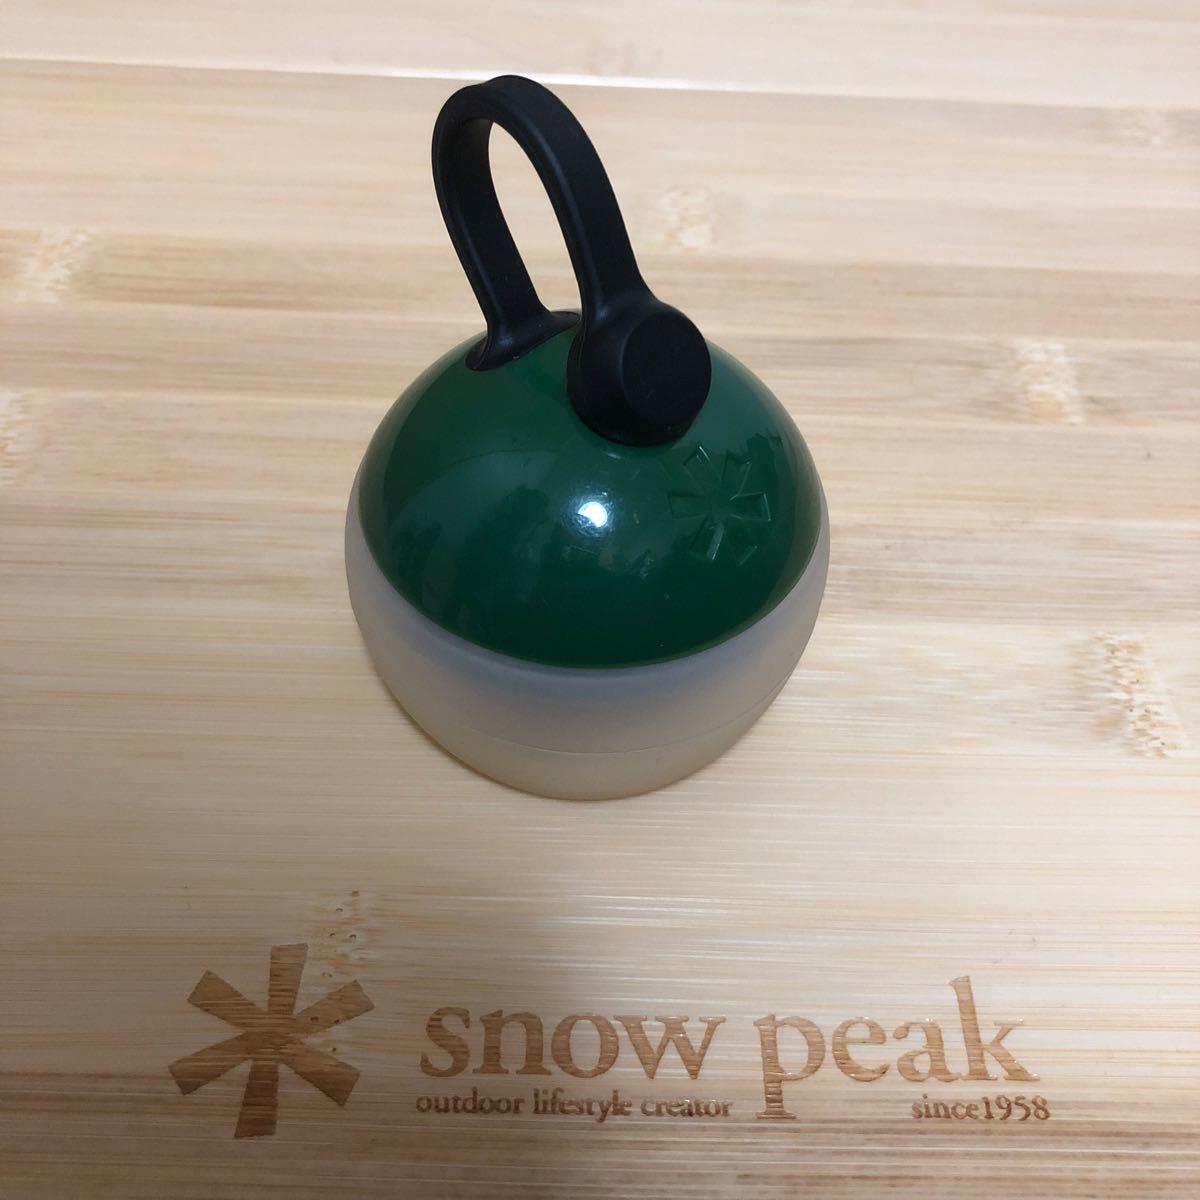 スノーピーク   たねほおずき LEDランタン グリーン snow peak